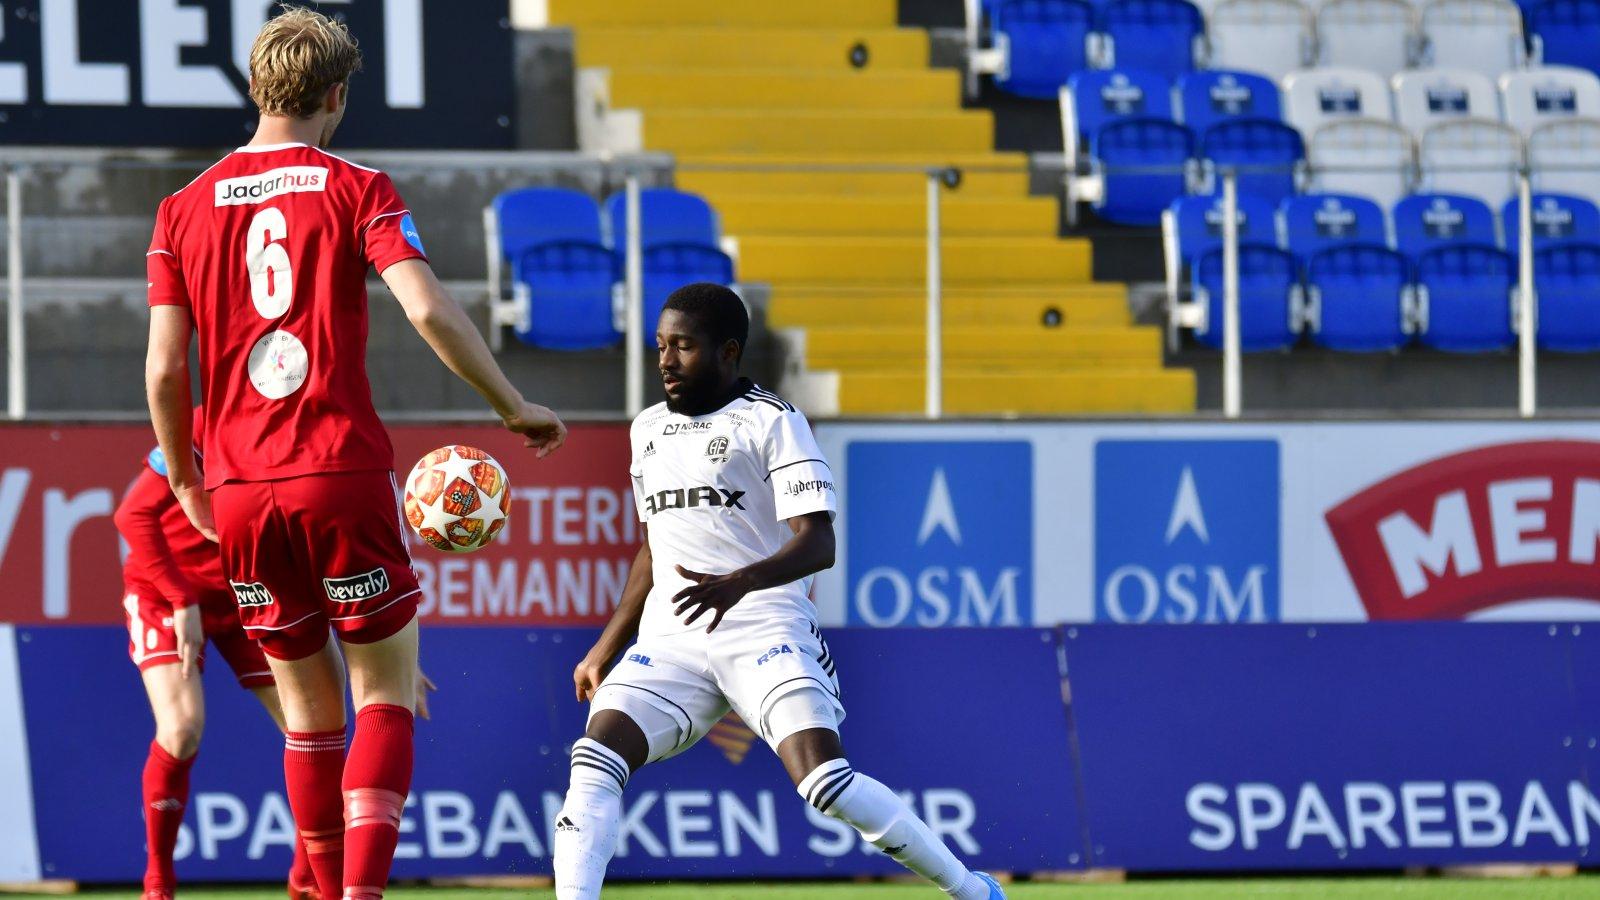 Shariff Cham scoret 1-0 for Arendal Fotball mot Vidar.